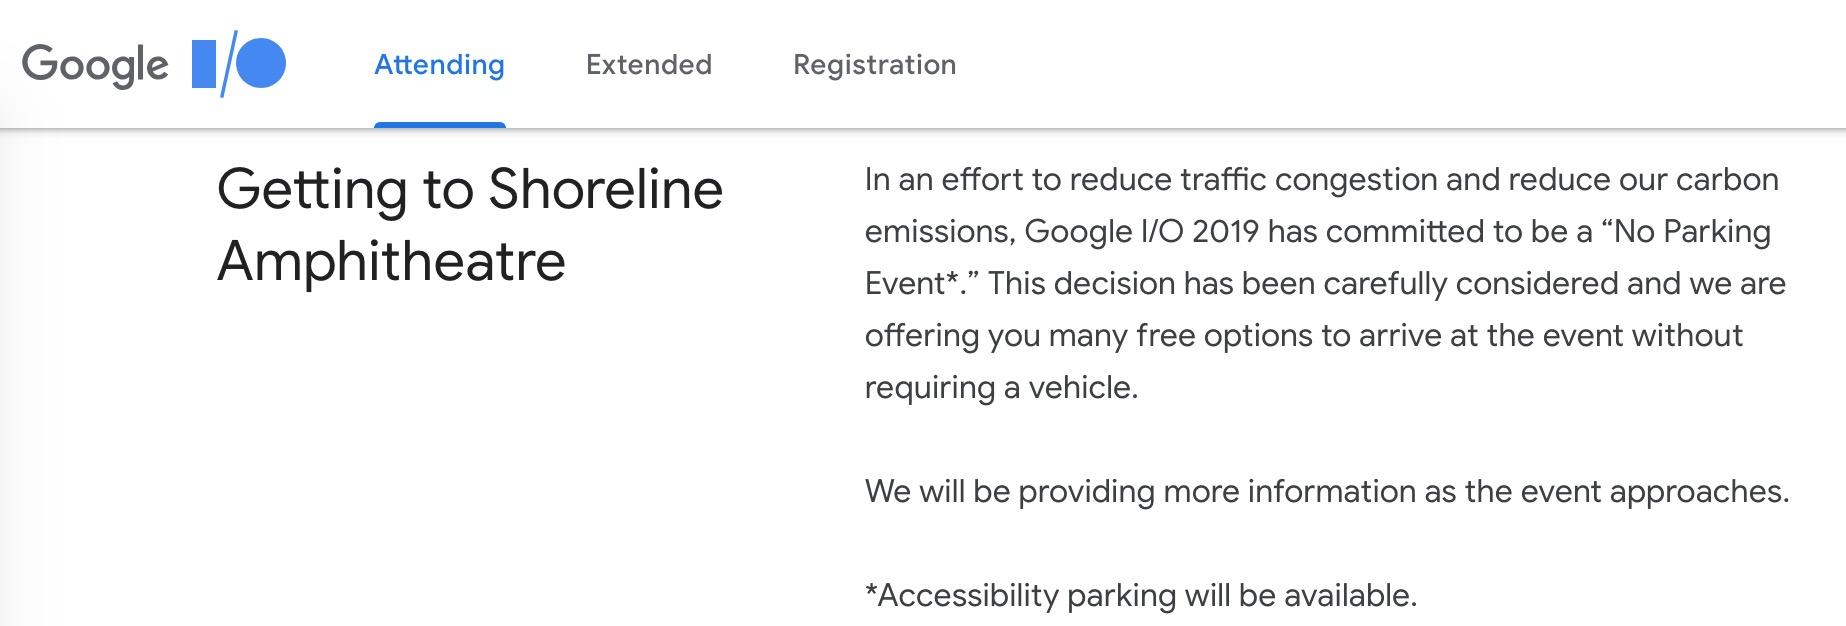 Google I/O 2019 no parking